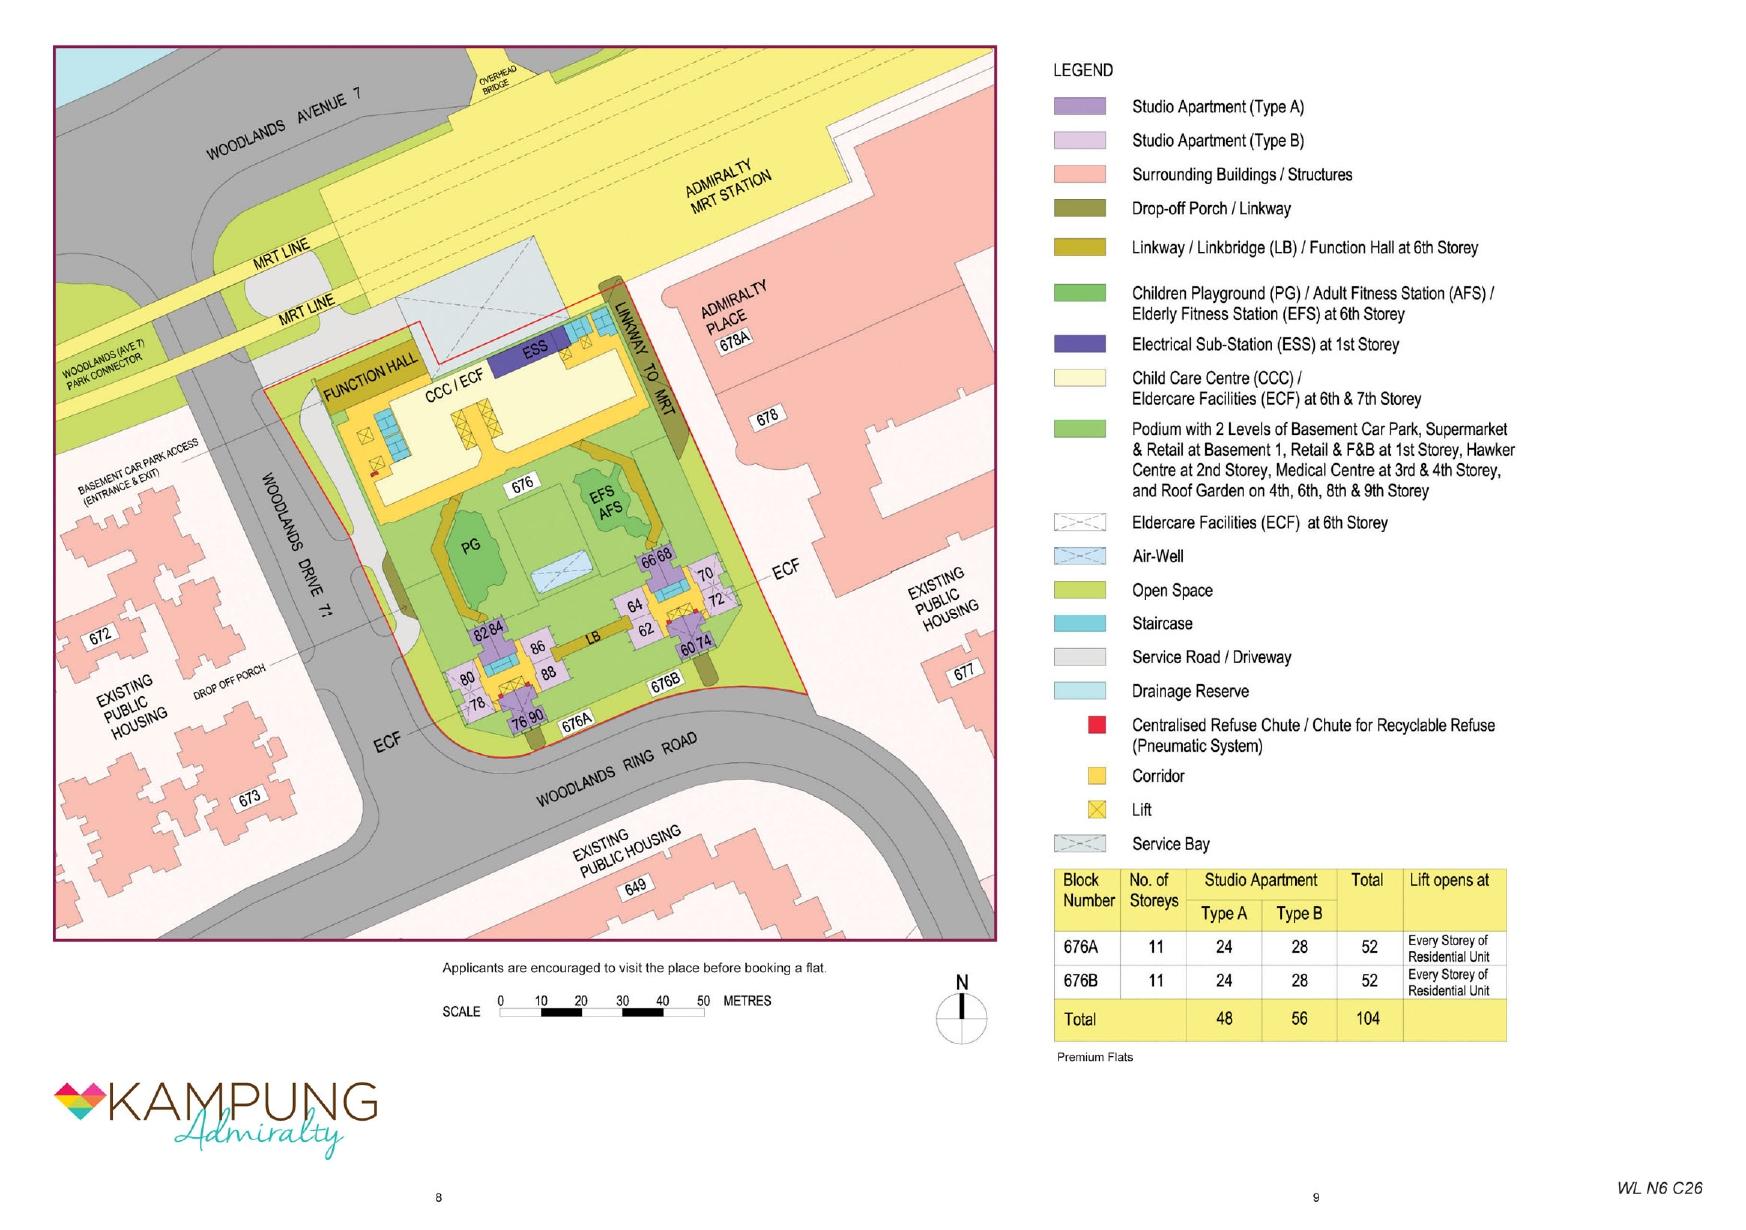 Kampung Admiralty Site Plan